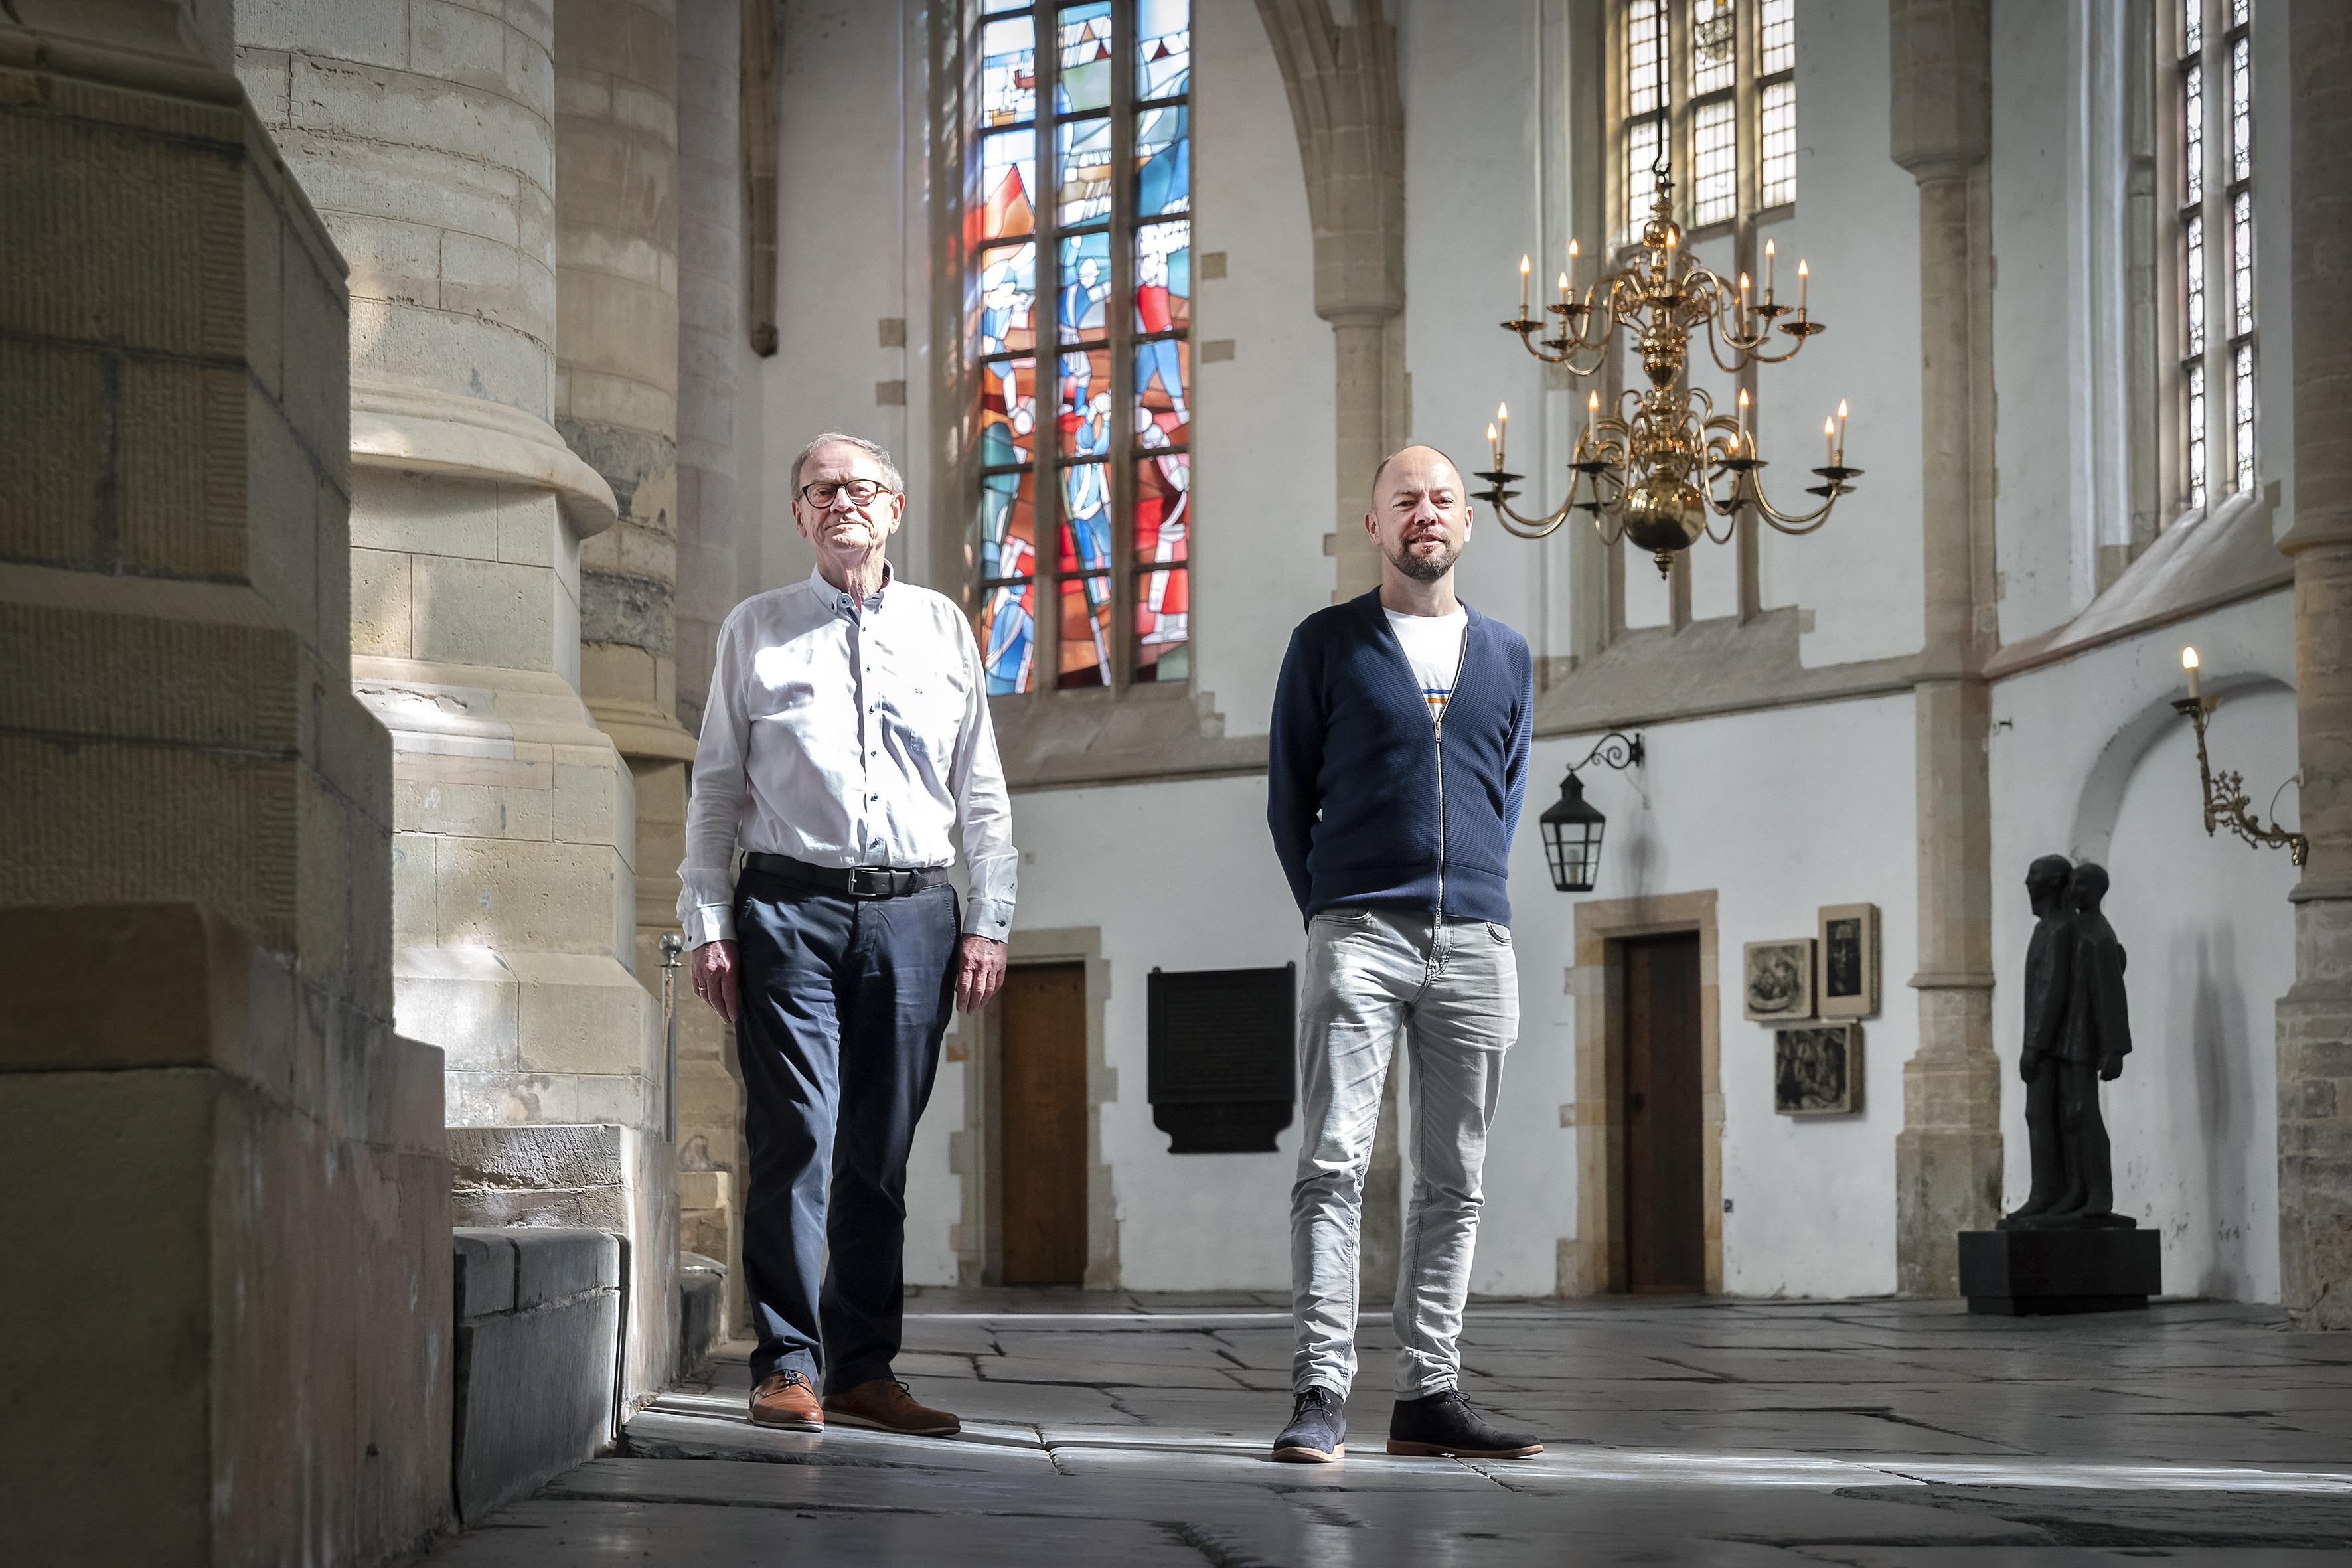 Een spannend spel van licht en donker voltrekt zich in en rondom de Grote Kerk in Haarlem